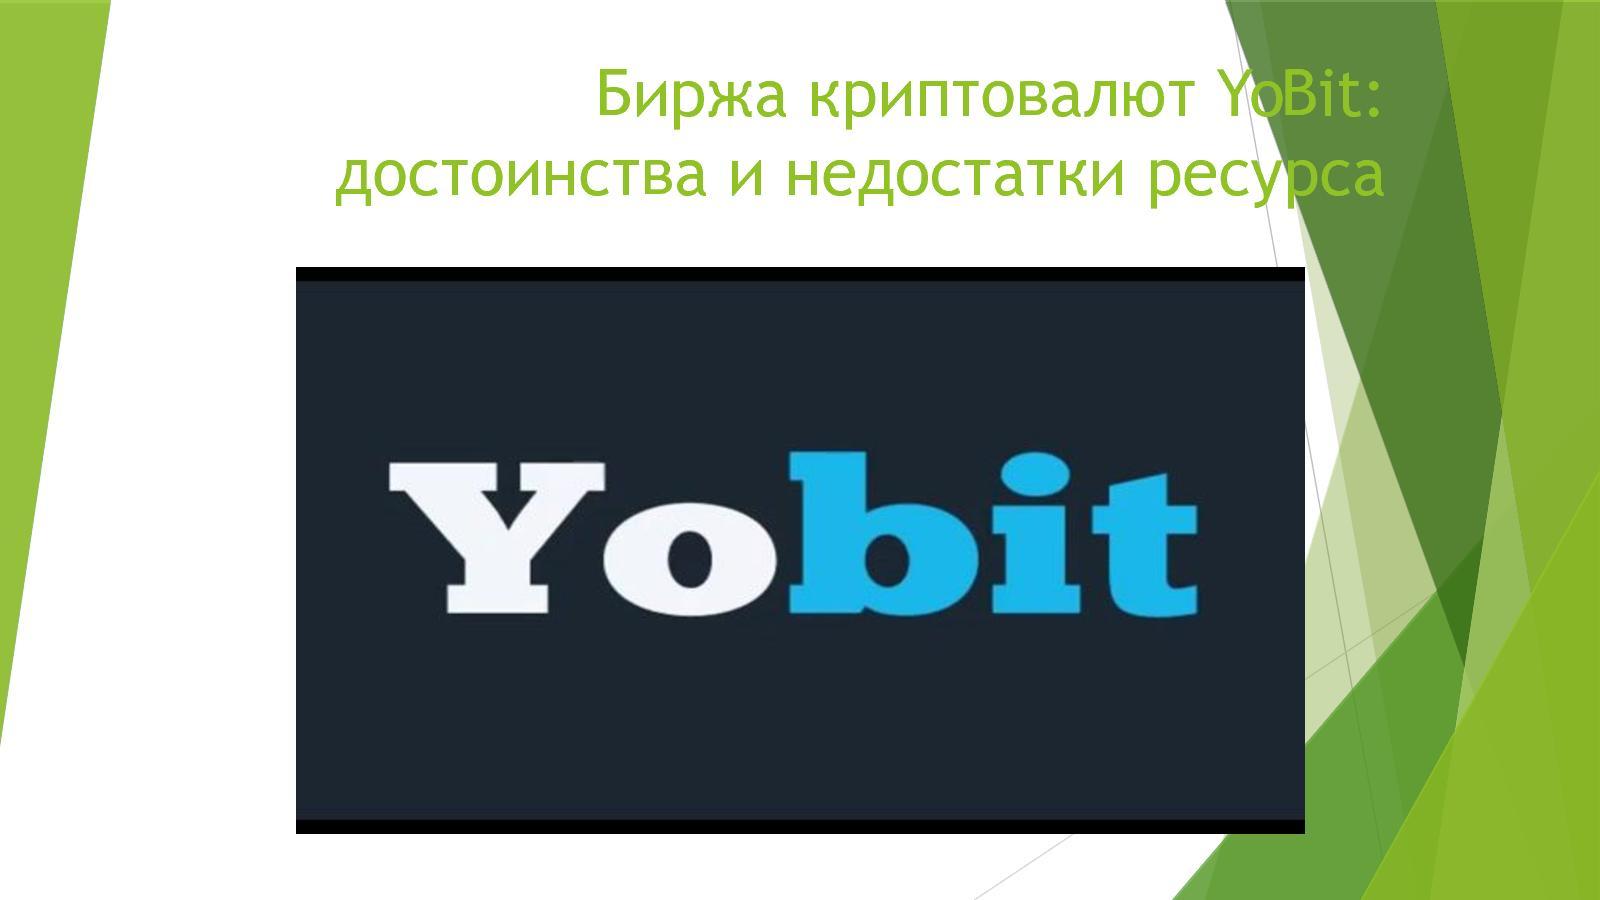 Биржа YoBit: преимущества